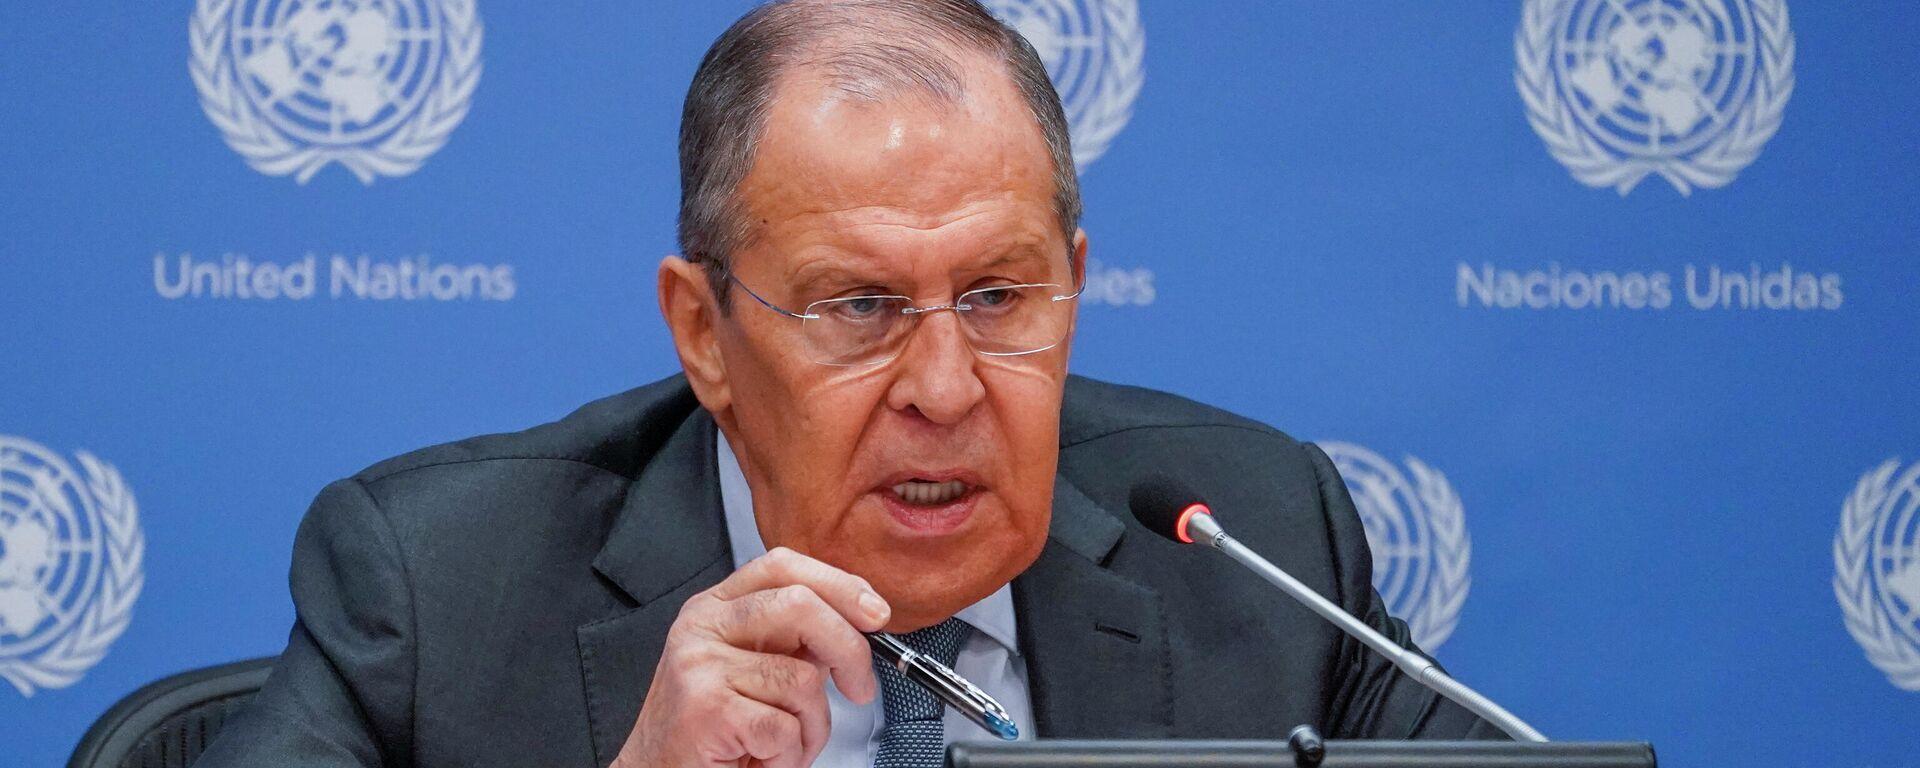 Serguéi Lavrov, el ministro de Asuntos Exteriores de Rusia - Sputnik Mundo, 1920, 25.09.2021